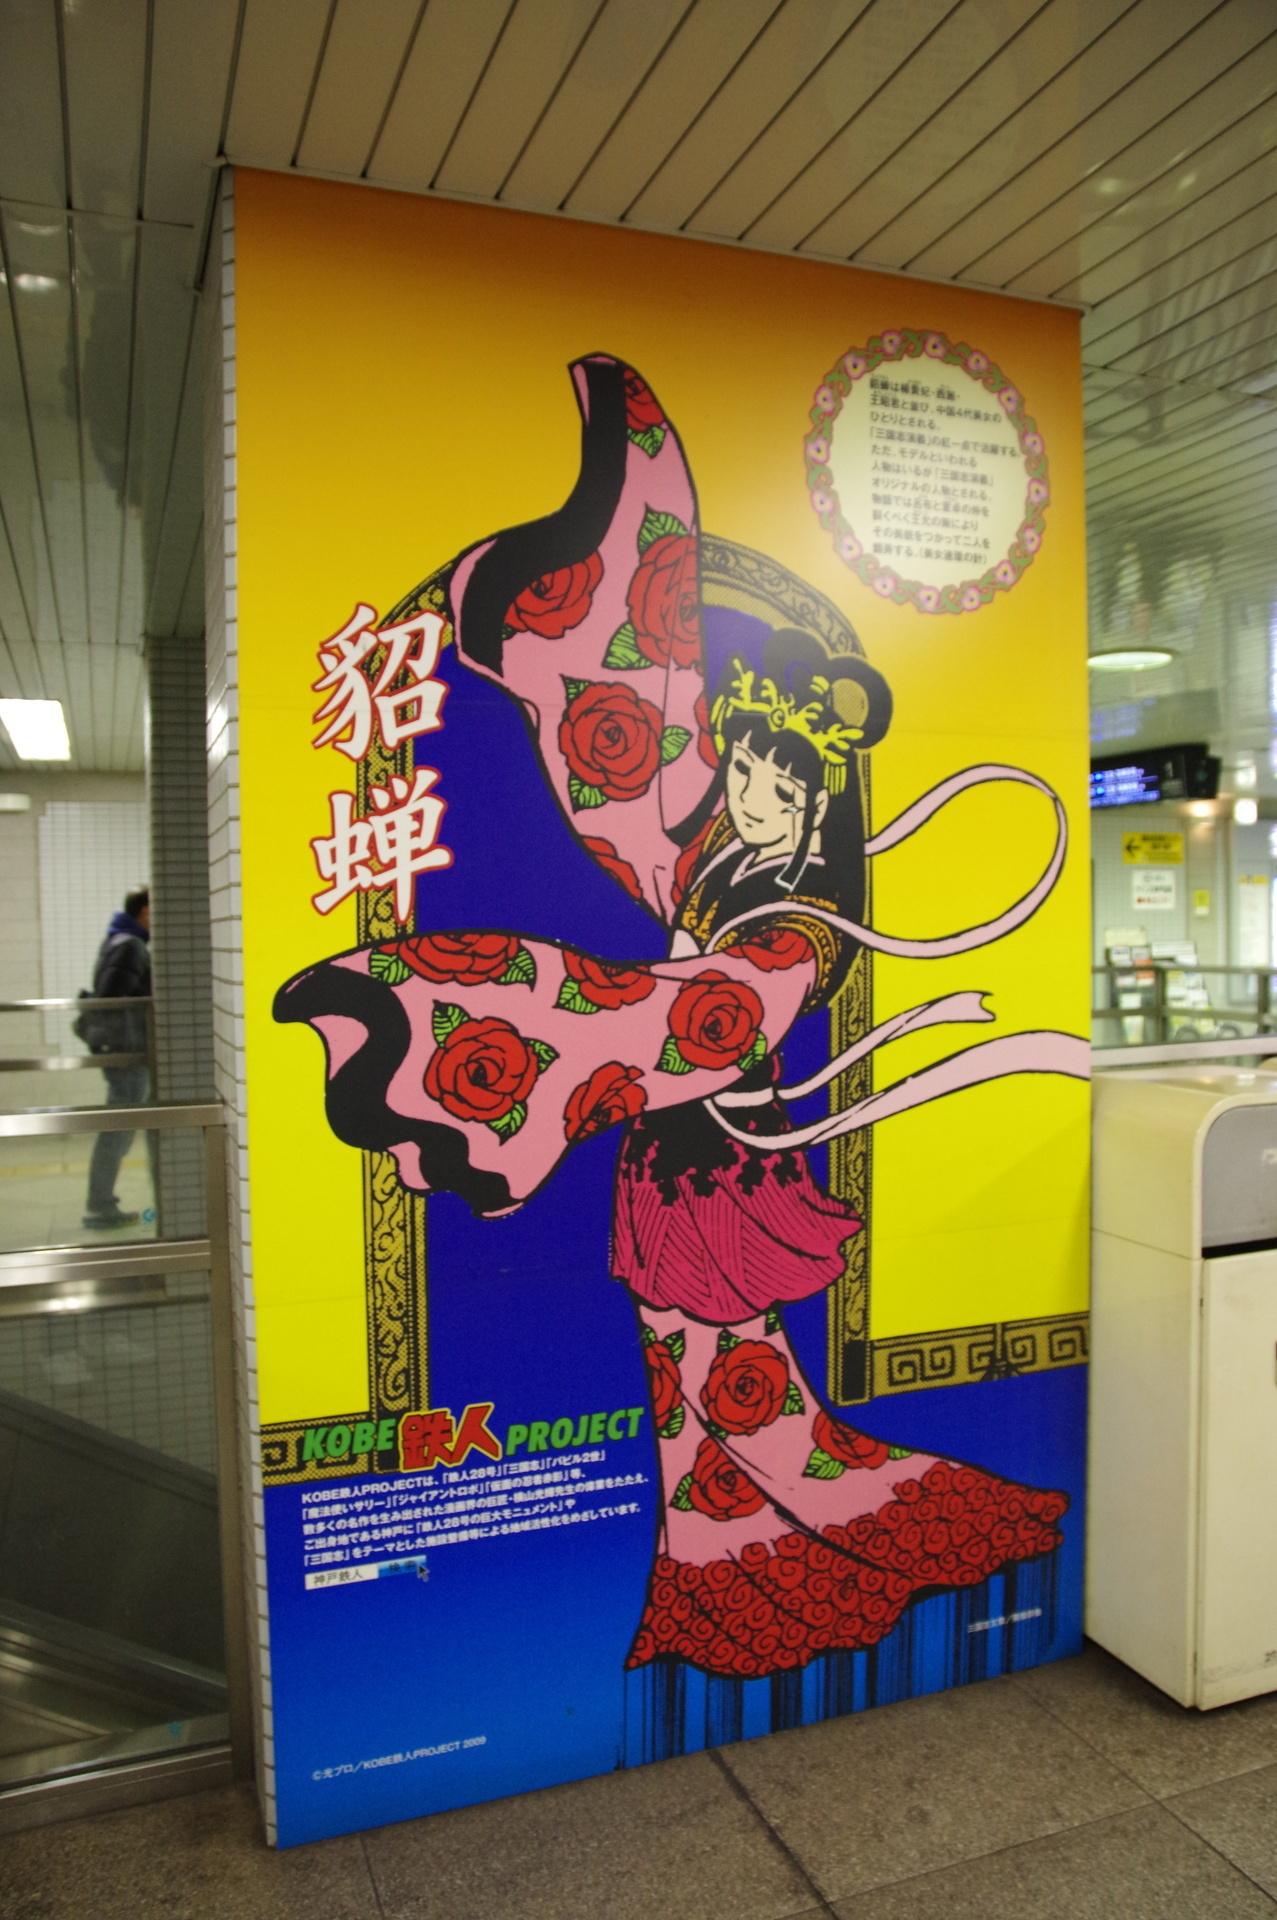 神戸鉄人プロジェクト関連の装飾